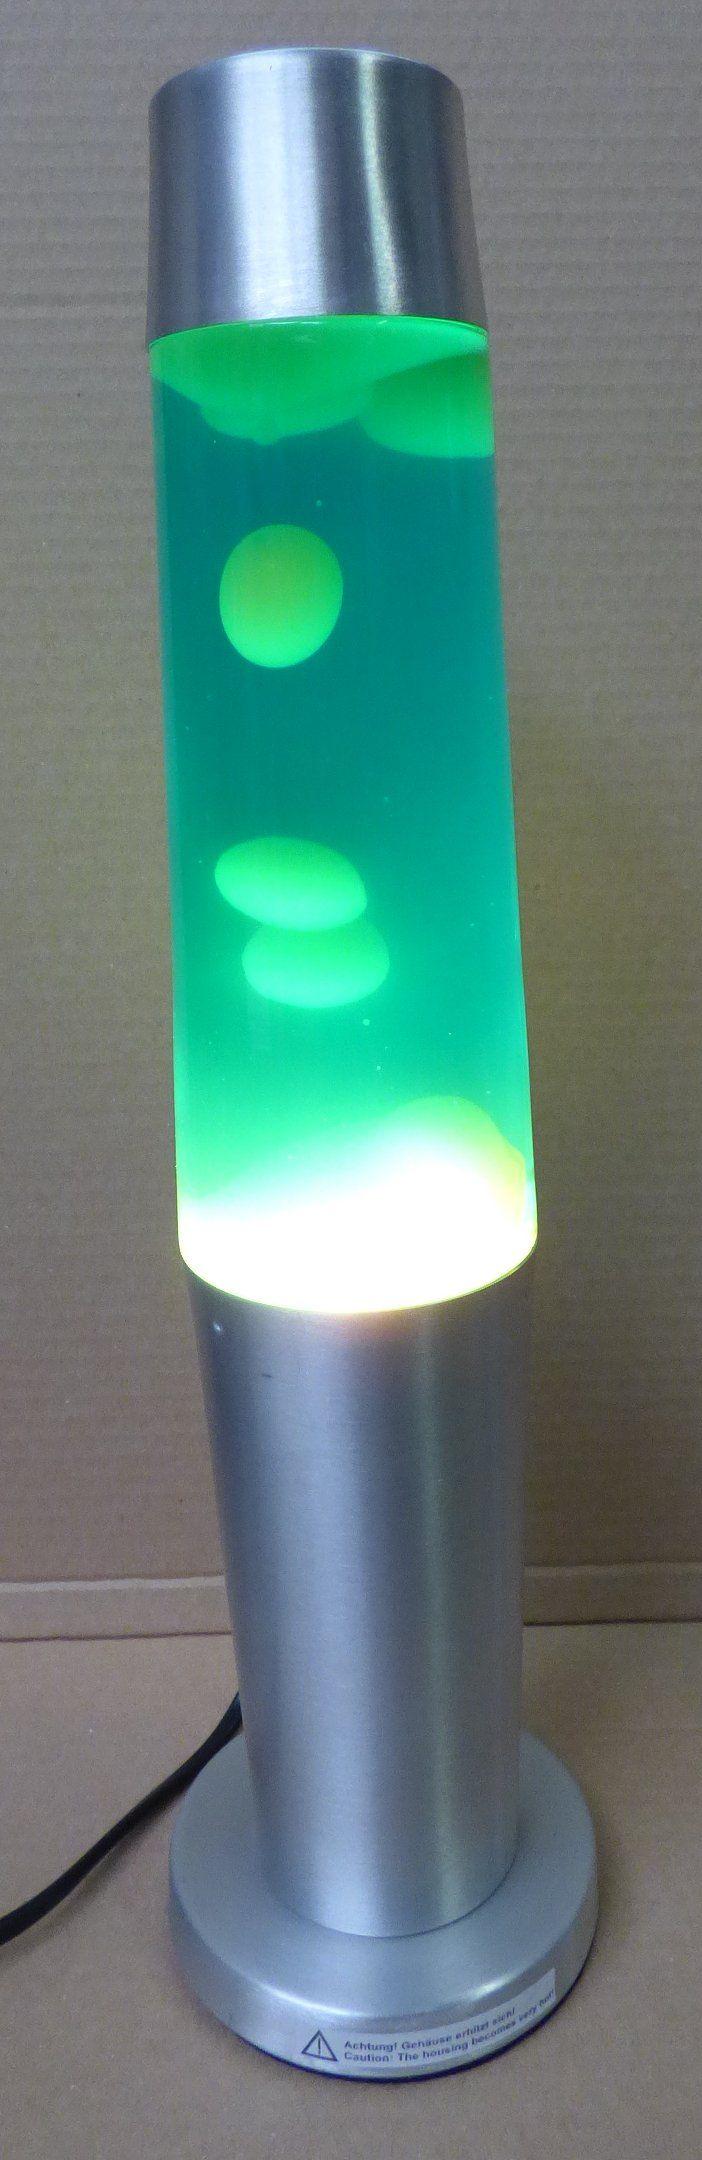 LAVA Lampe Zylinderform gelber Wachs und blaue Flüssigkeit in silbernem ALU. Der Anblick der fliesenden Formenbildung wirkt beruhigend, ideal zum Abschalten und Entspannen. Lieferung erfolgt komplett mit Lampe und Anschlusskabel mit Eurostecker. Schalter zum Ein/Aus schalten. Energieeffizienzklasse E Technische Daten: - Anschluss: 230V/50Hz - Sockel: E14 - Norm: IP20 - Belastbar: max. 35 Watt - Wachs: gelb - Flüssigkeit: blau - Leuchtmittel: Reflektor Lampe R39 - Material: Glas/Metall